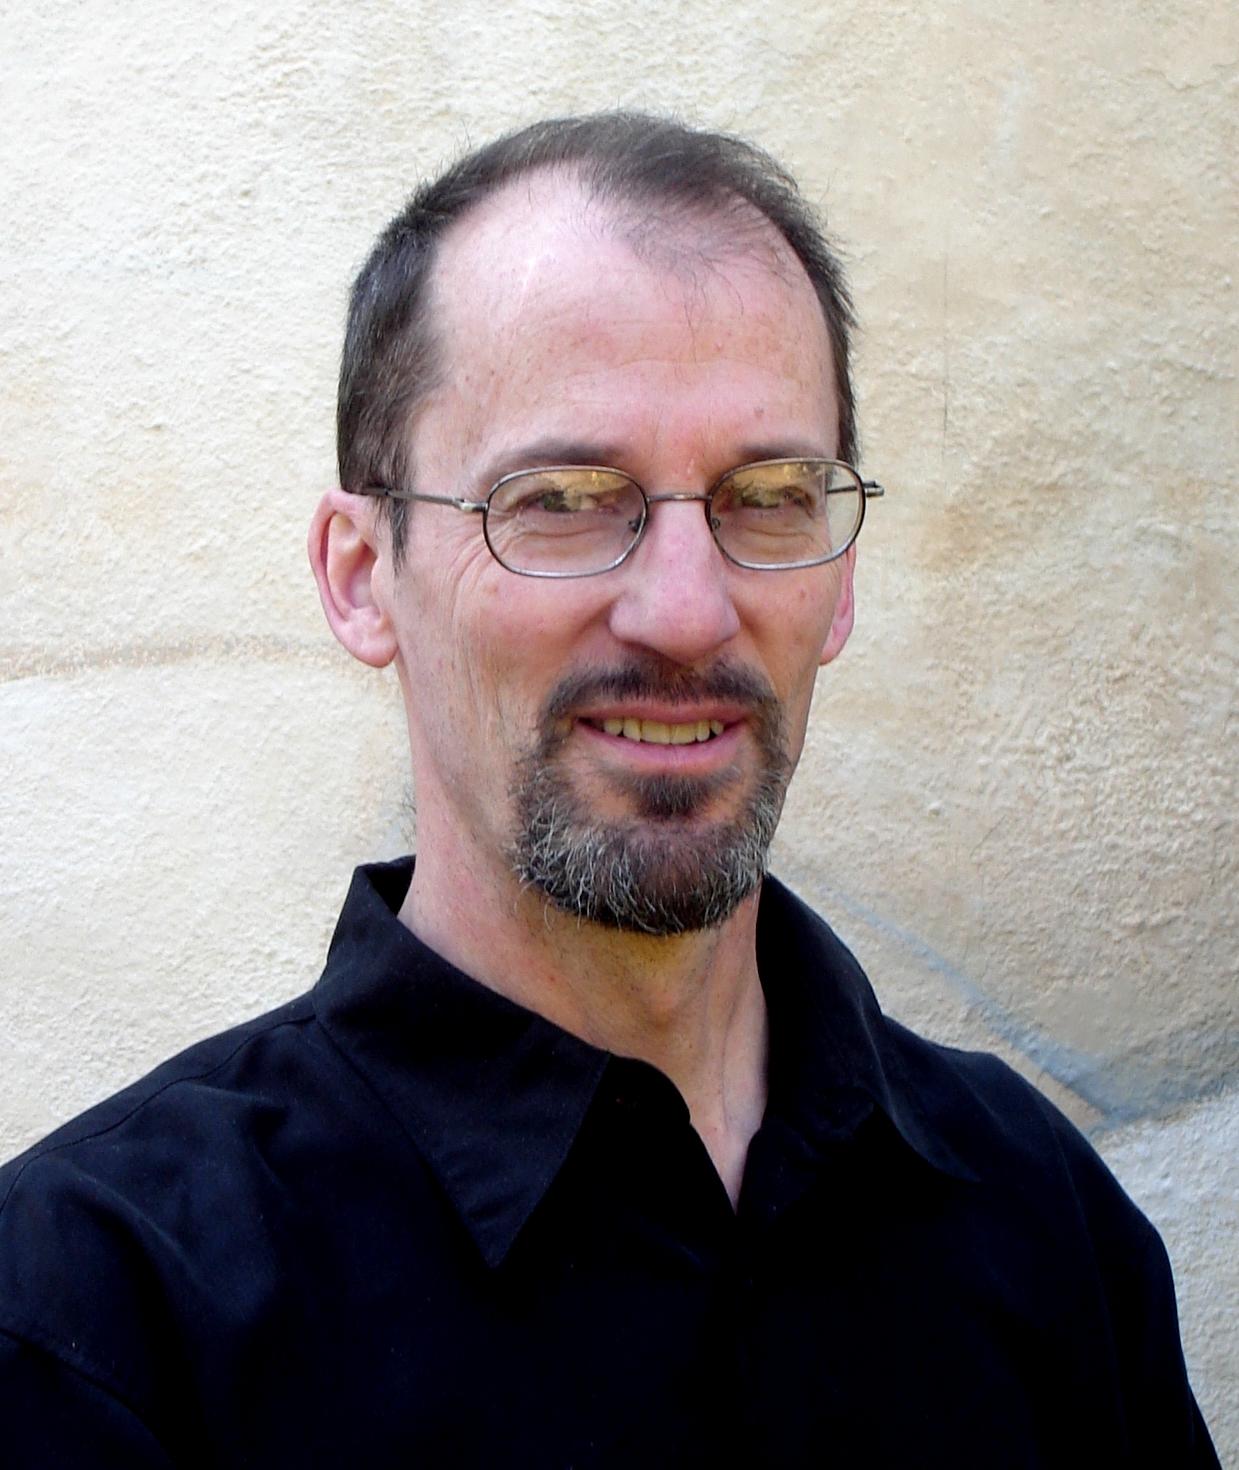 David Anderson, David P. Anderson, SETI, SETI@HOME, Alien Life